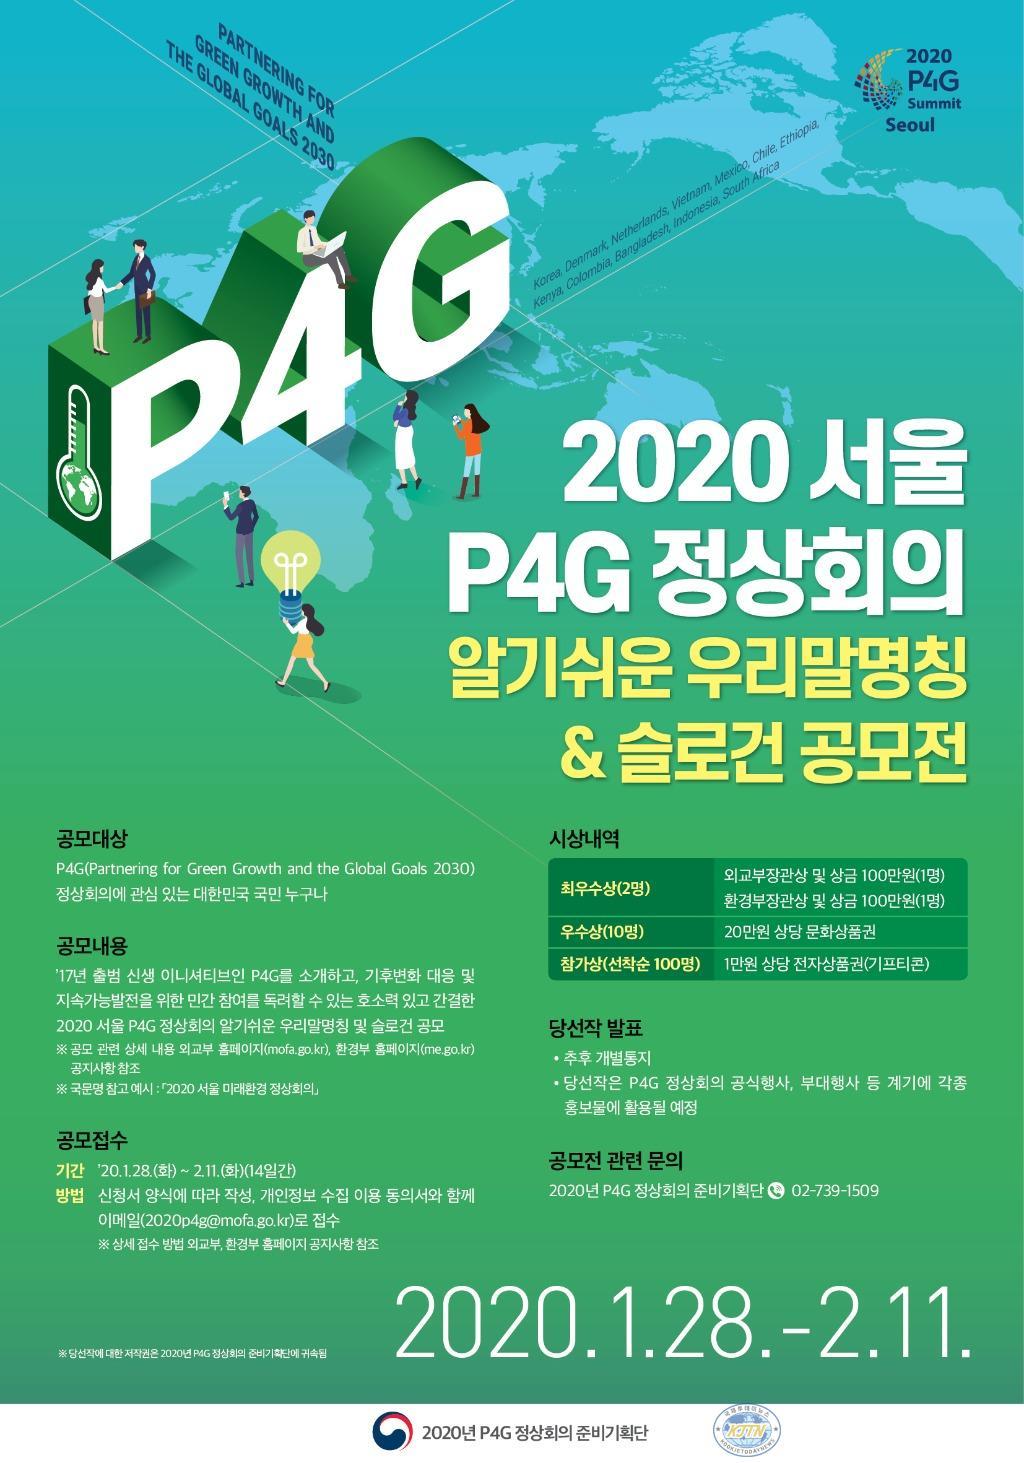 붙임1) P4G 정상회의 알기쉬운 우리말명칭 및 슬로건 공모전 안내 포스터.jpg